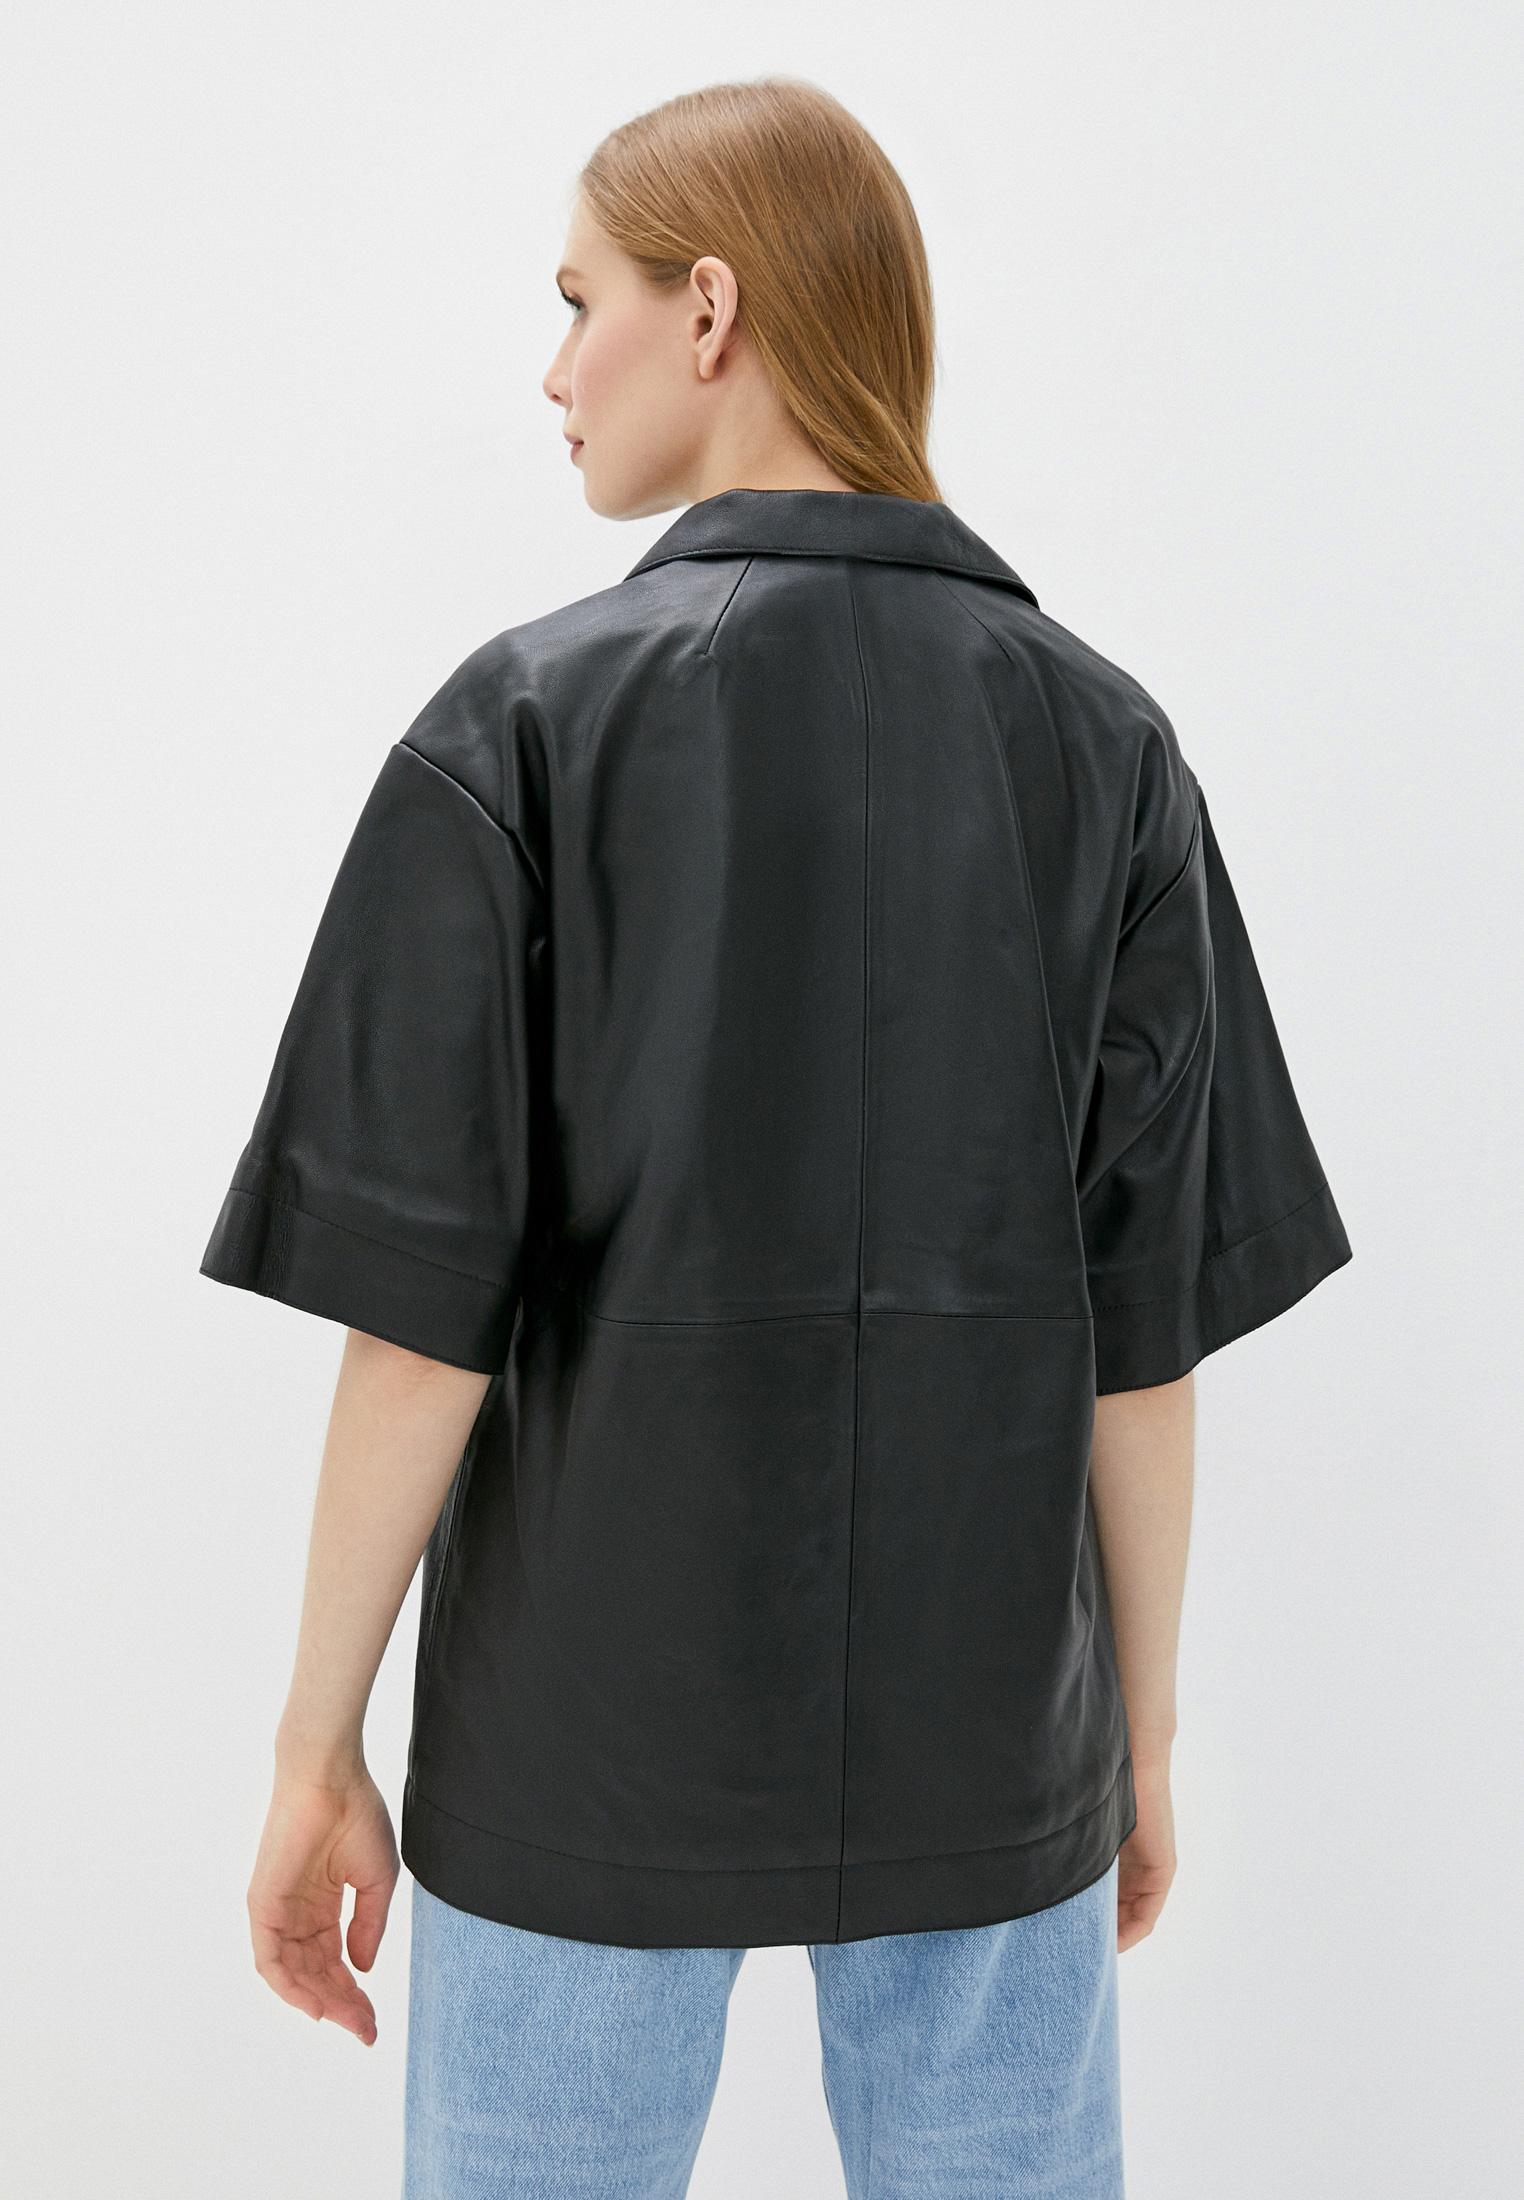 Рубашка с коротким рукавом Topshop Boutique 25L39RBLK: изображение 3